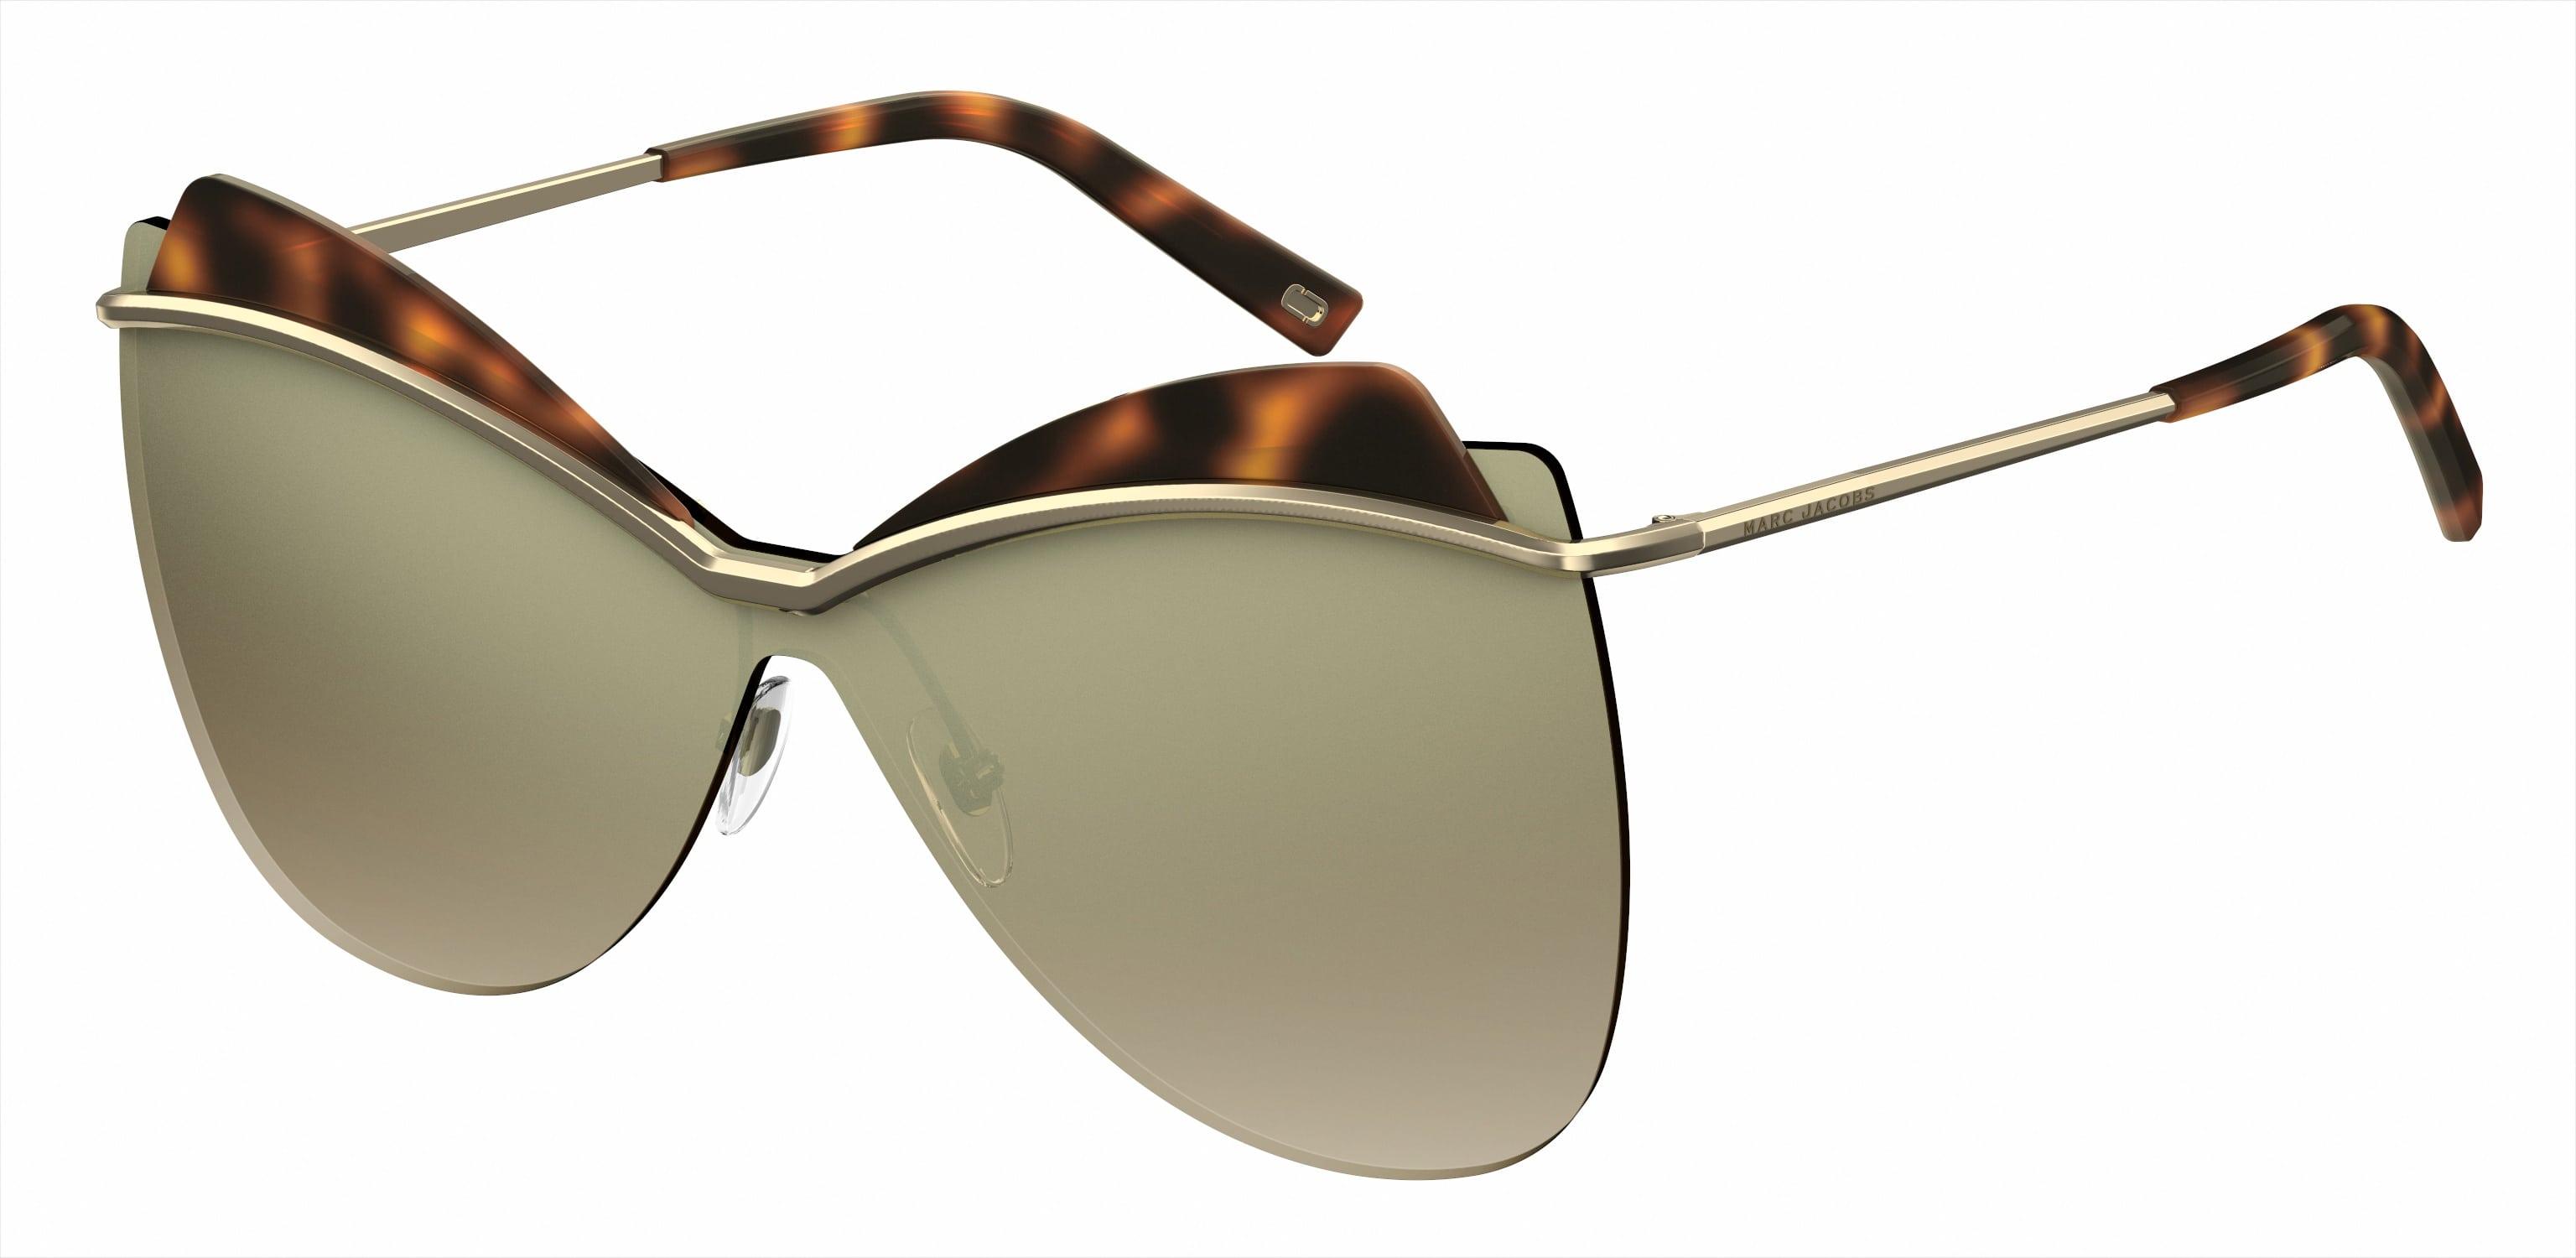 5d48eea5bc Συλλογή γυαλιών Marc Jacobs